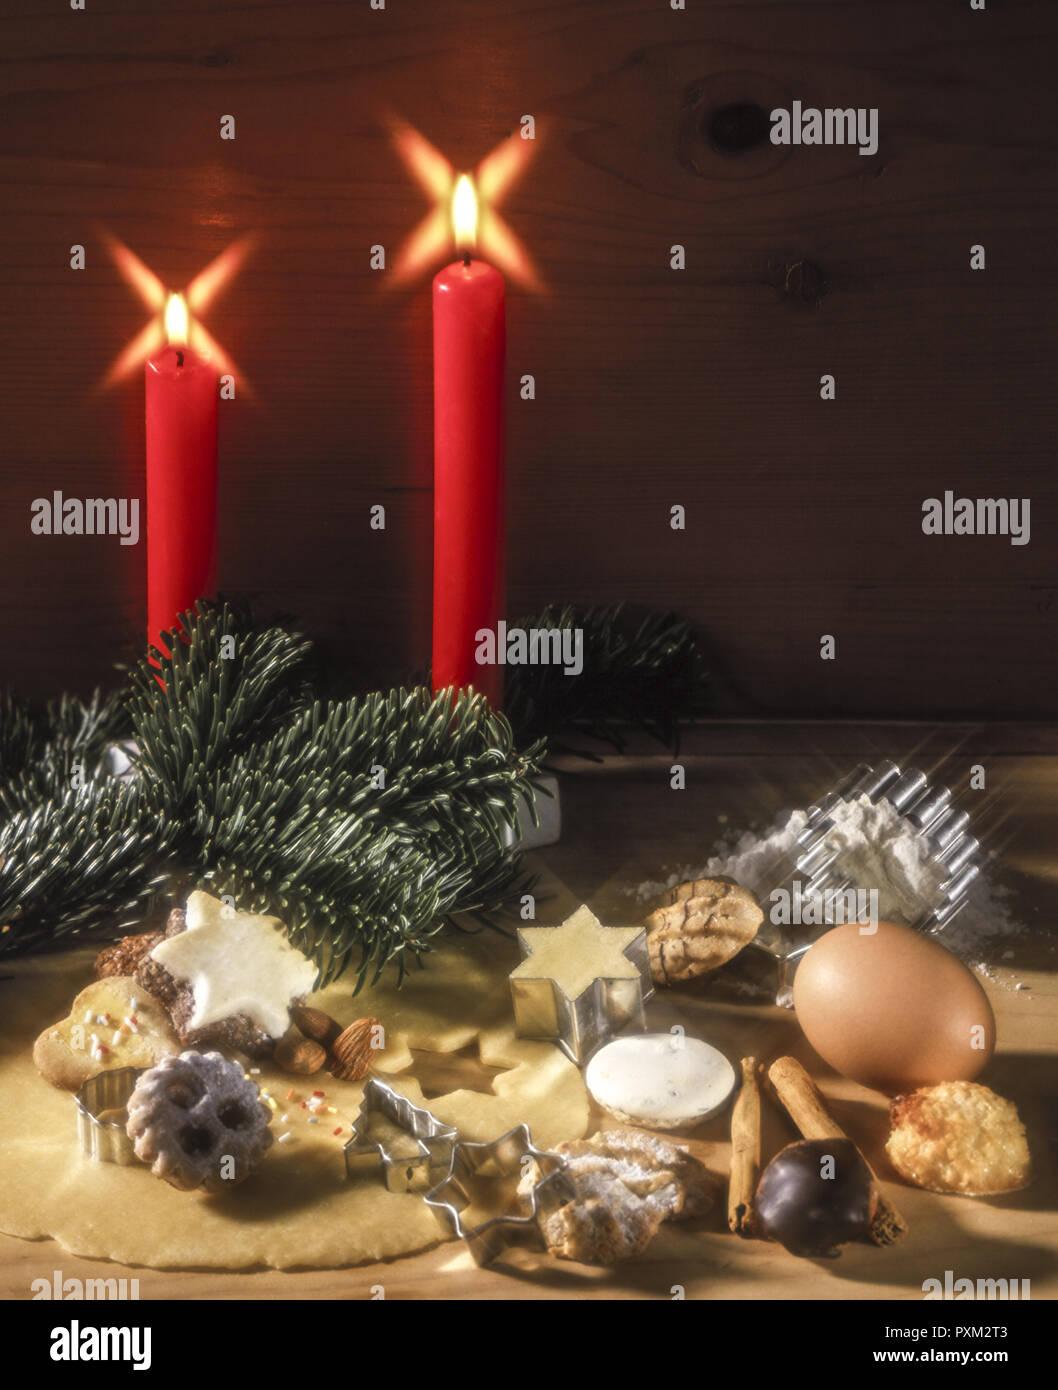 Weihnachtskekse Engelsaugen.Weihnachtsgebäck Weihnachtsplätzchen Stock Photo 222946755 Alamy